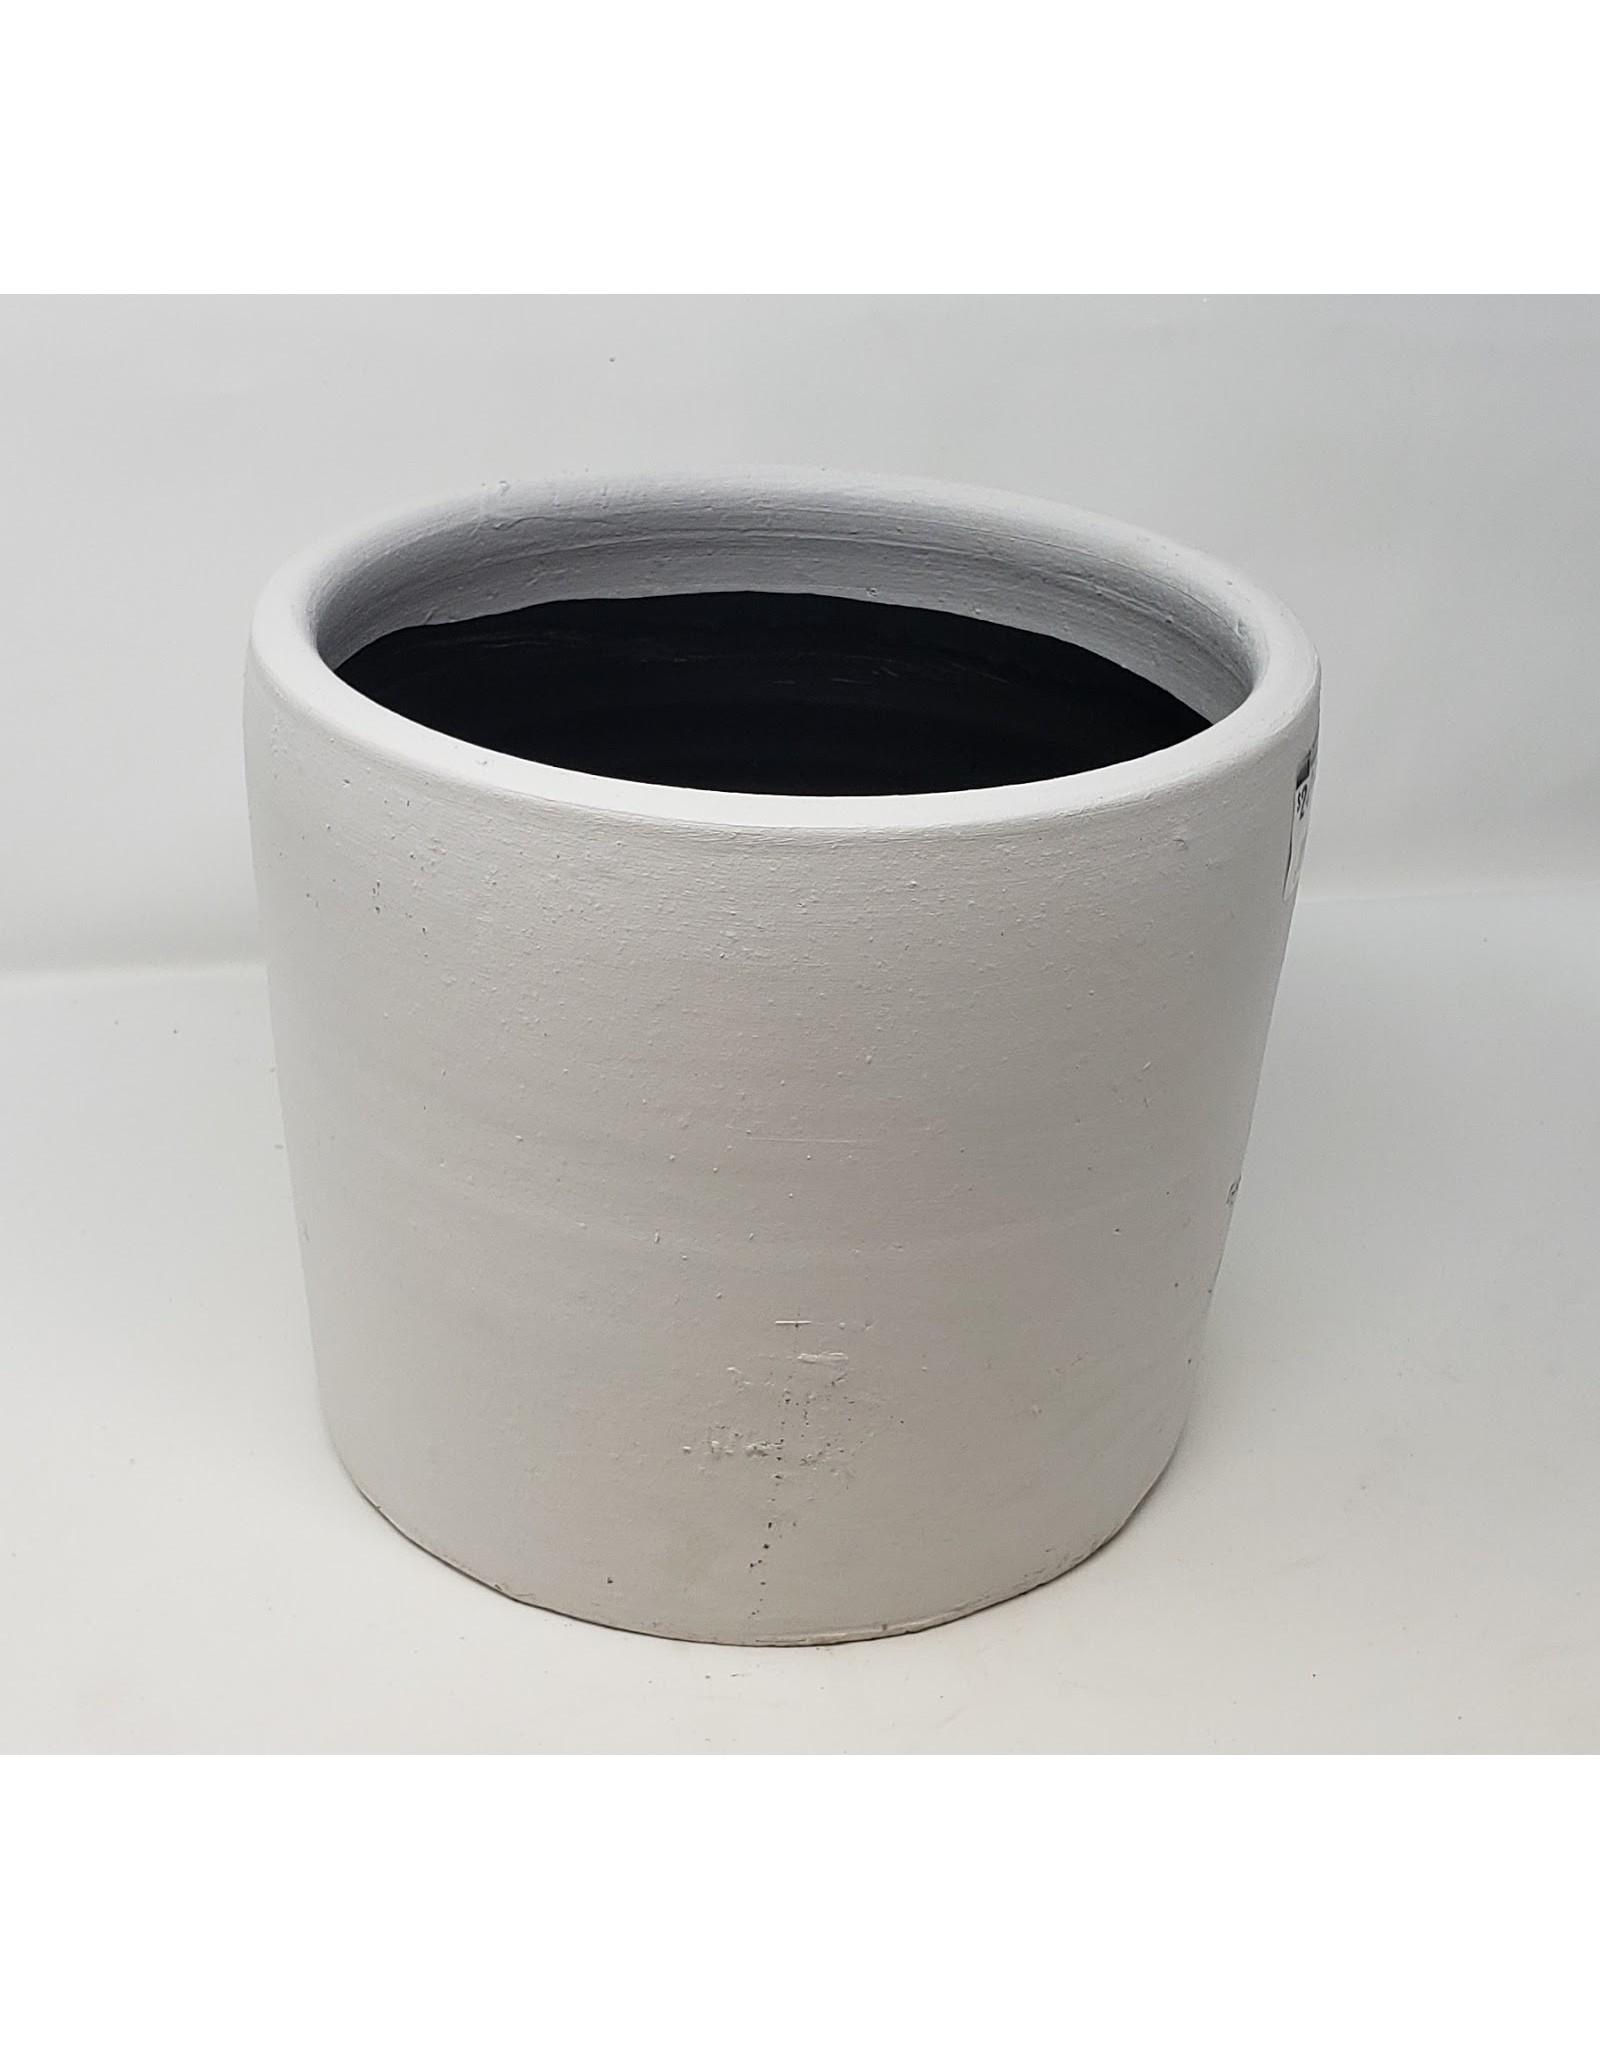 Thai Cylinder - White Stain - S